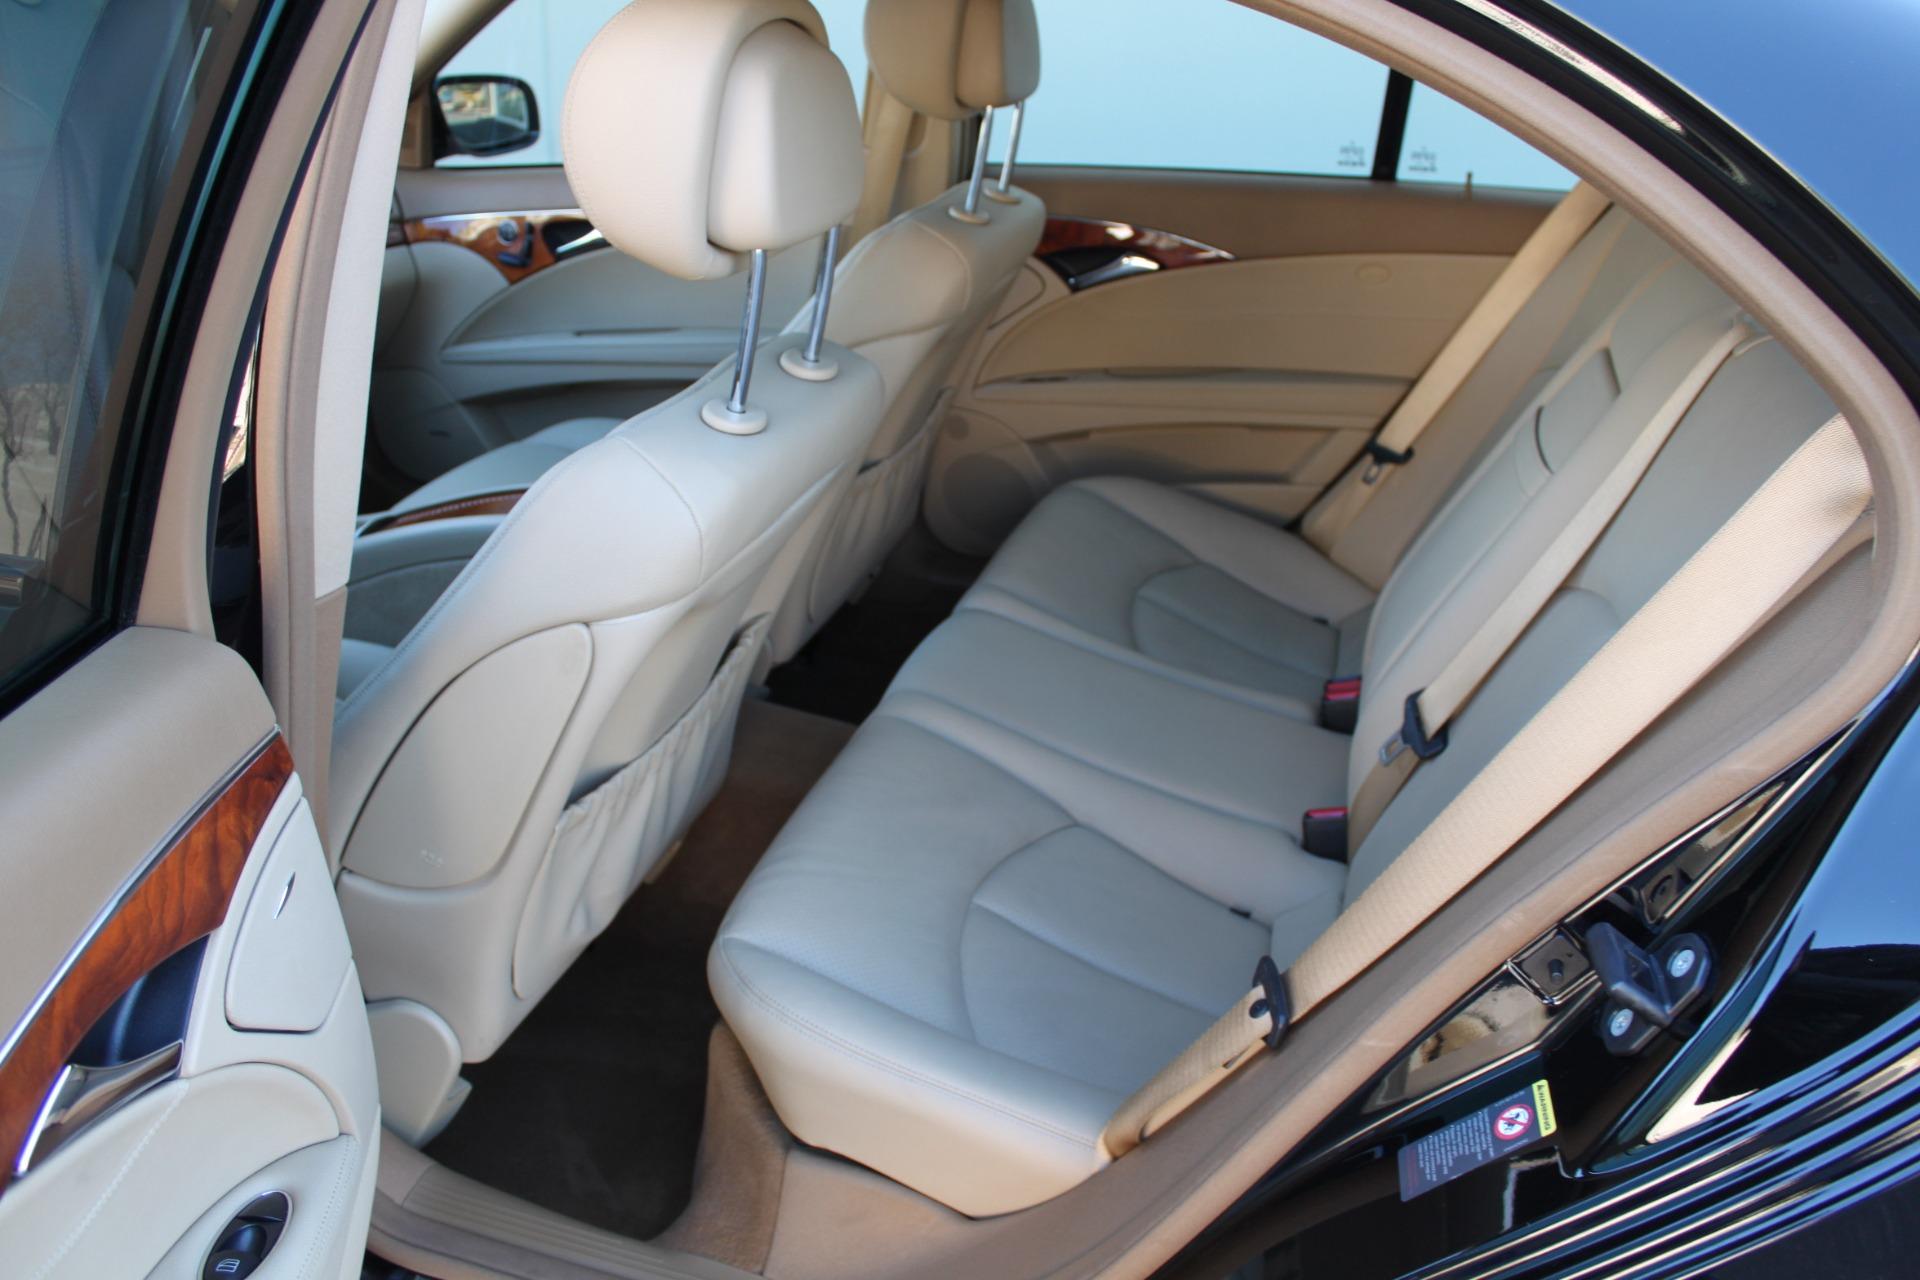 Used-2009-Mercedes-Benz-E-Class-E320-30L-BlueTEC-Camaro